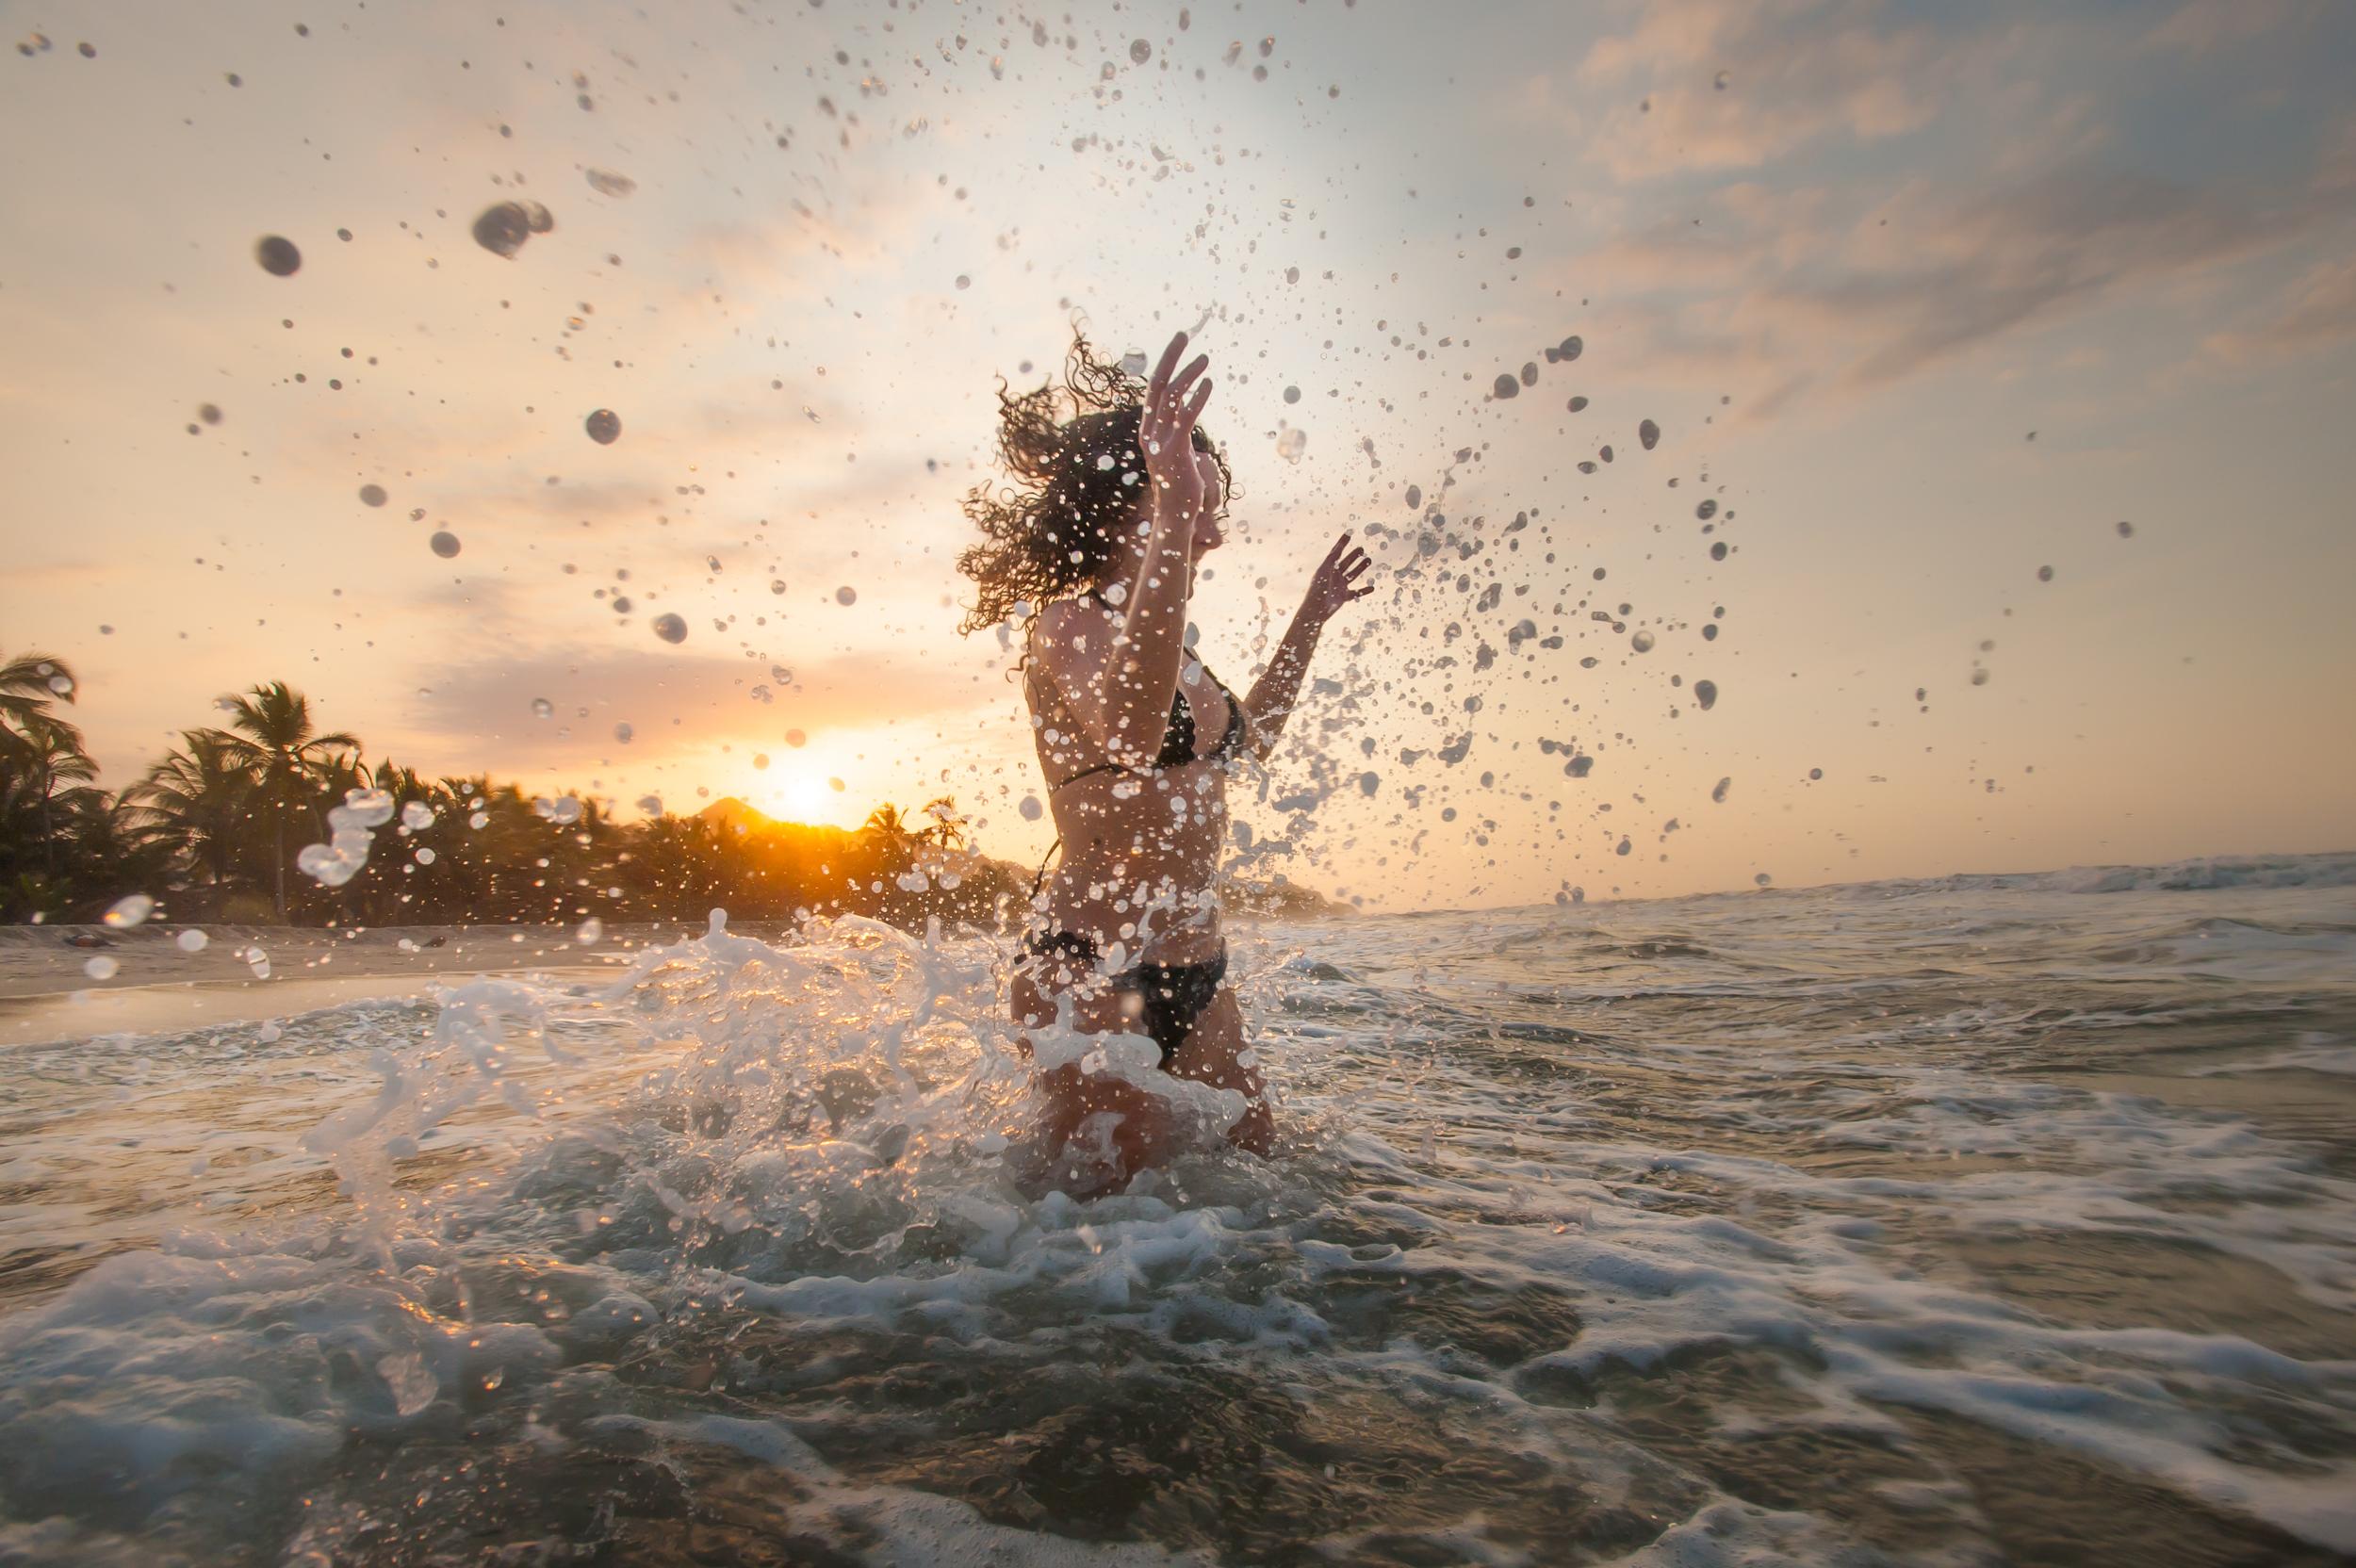 Splash _DSC3669.jpg